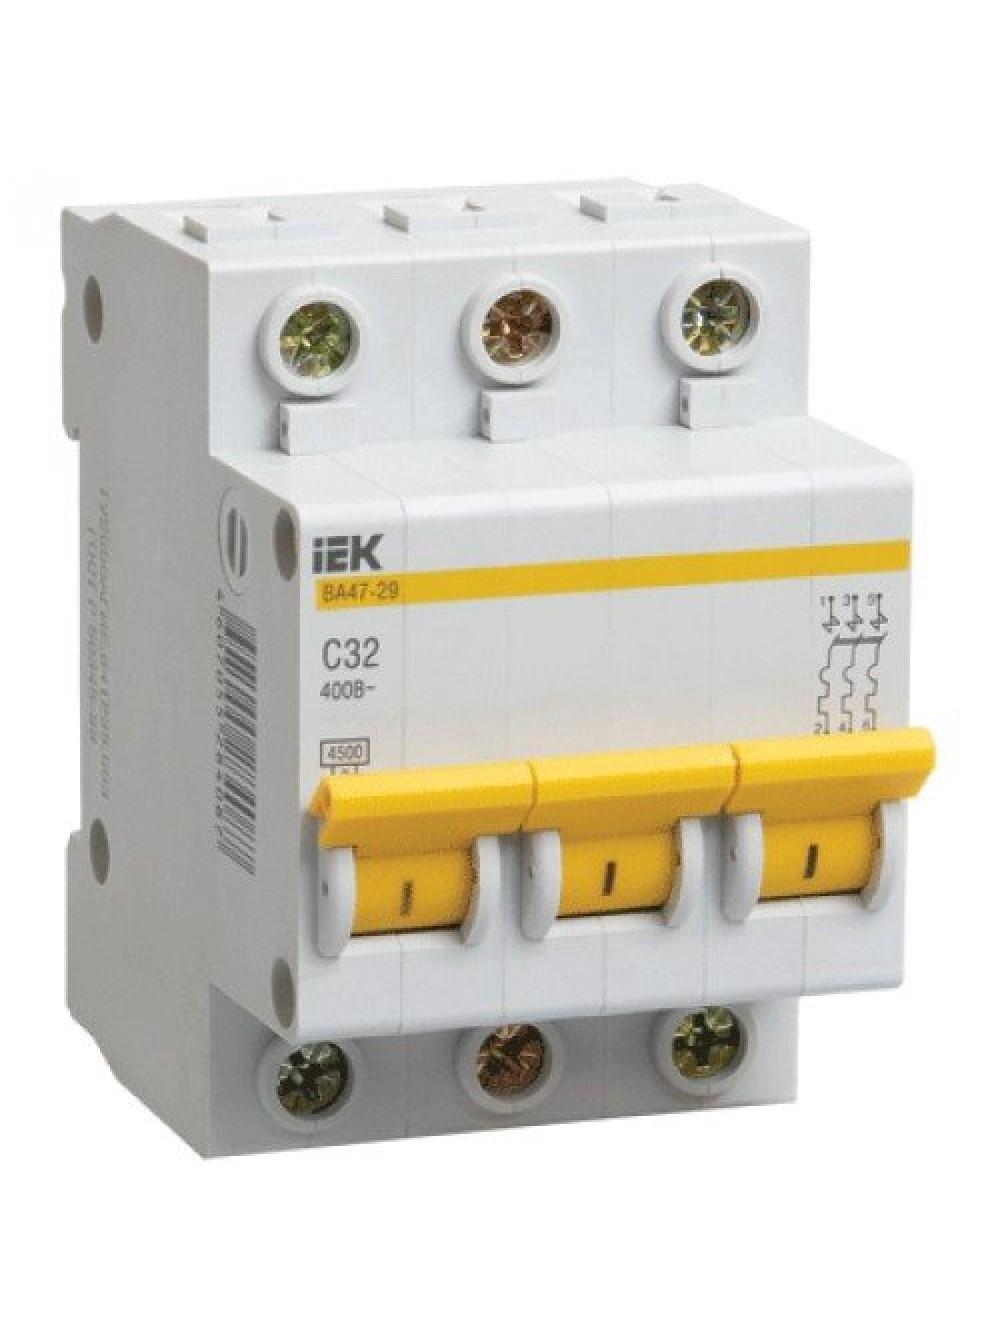 Модульные выключатели 3п C 16-50А ВА 47-29 4.5кА